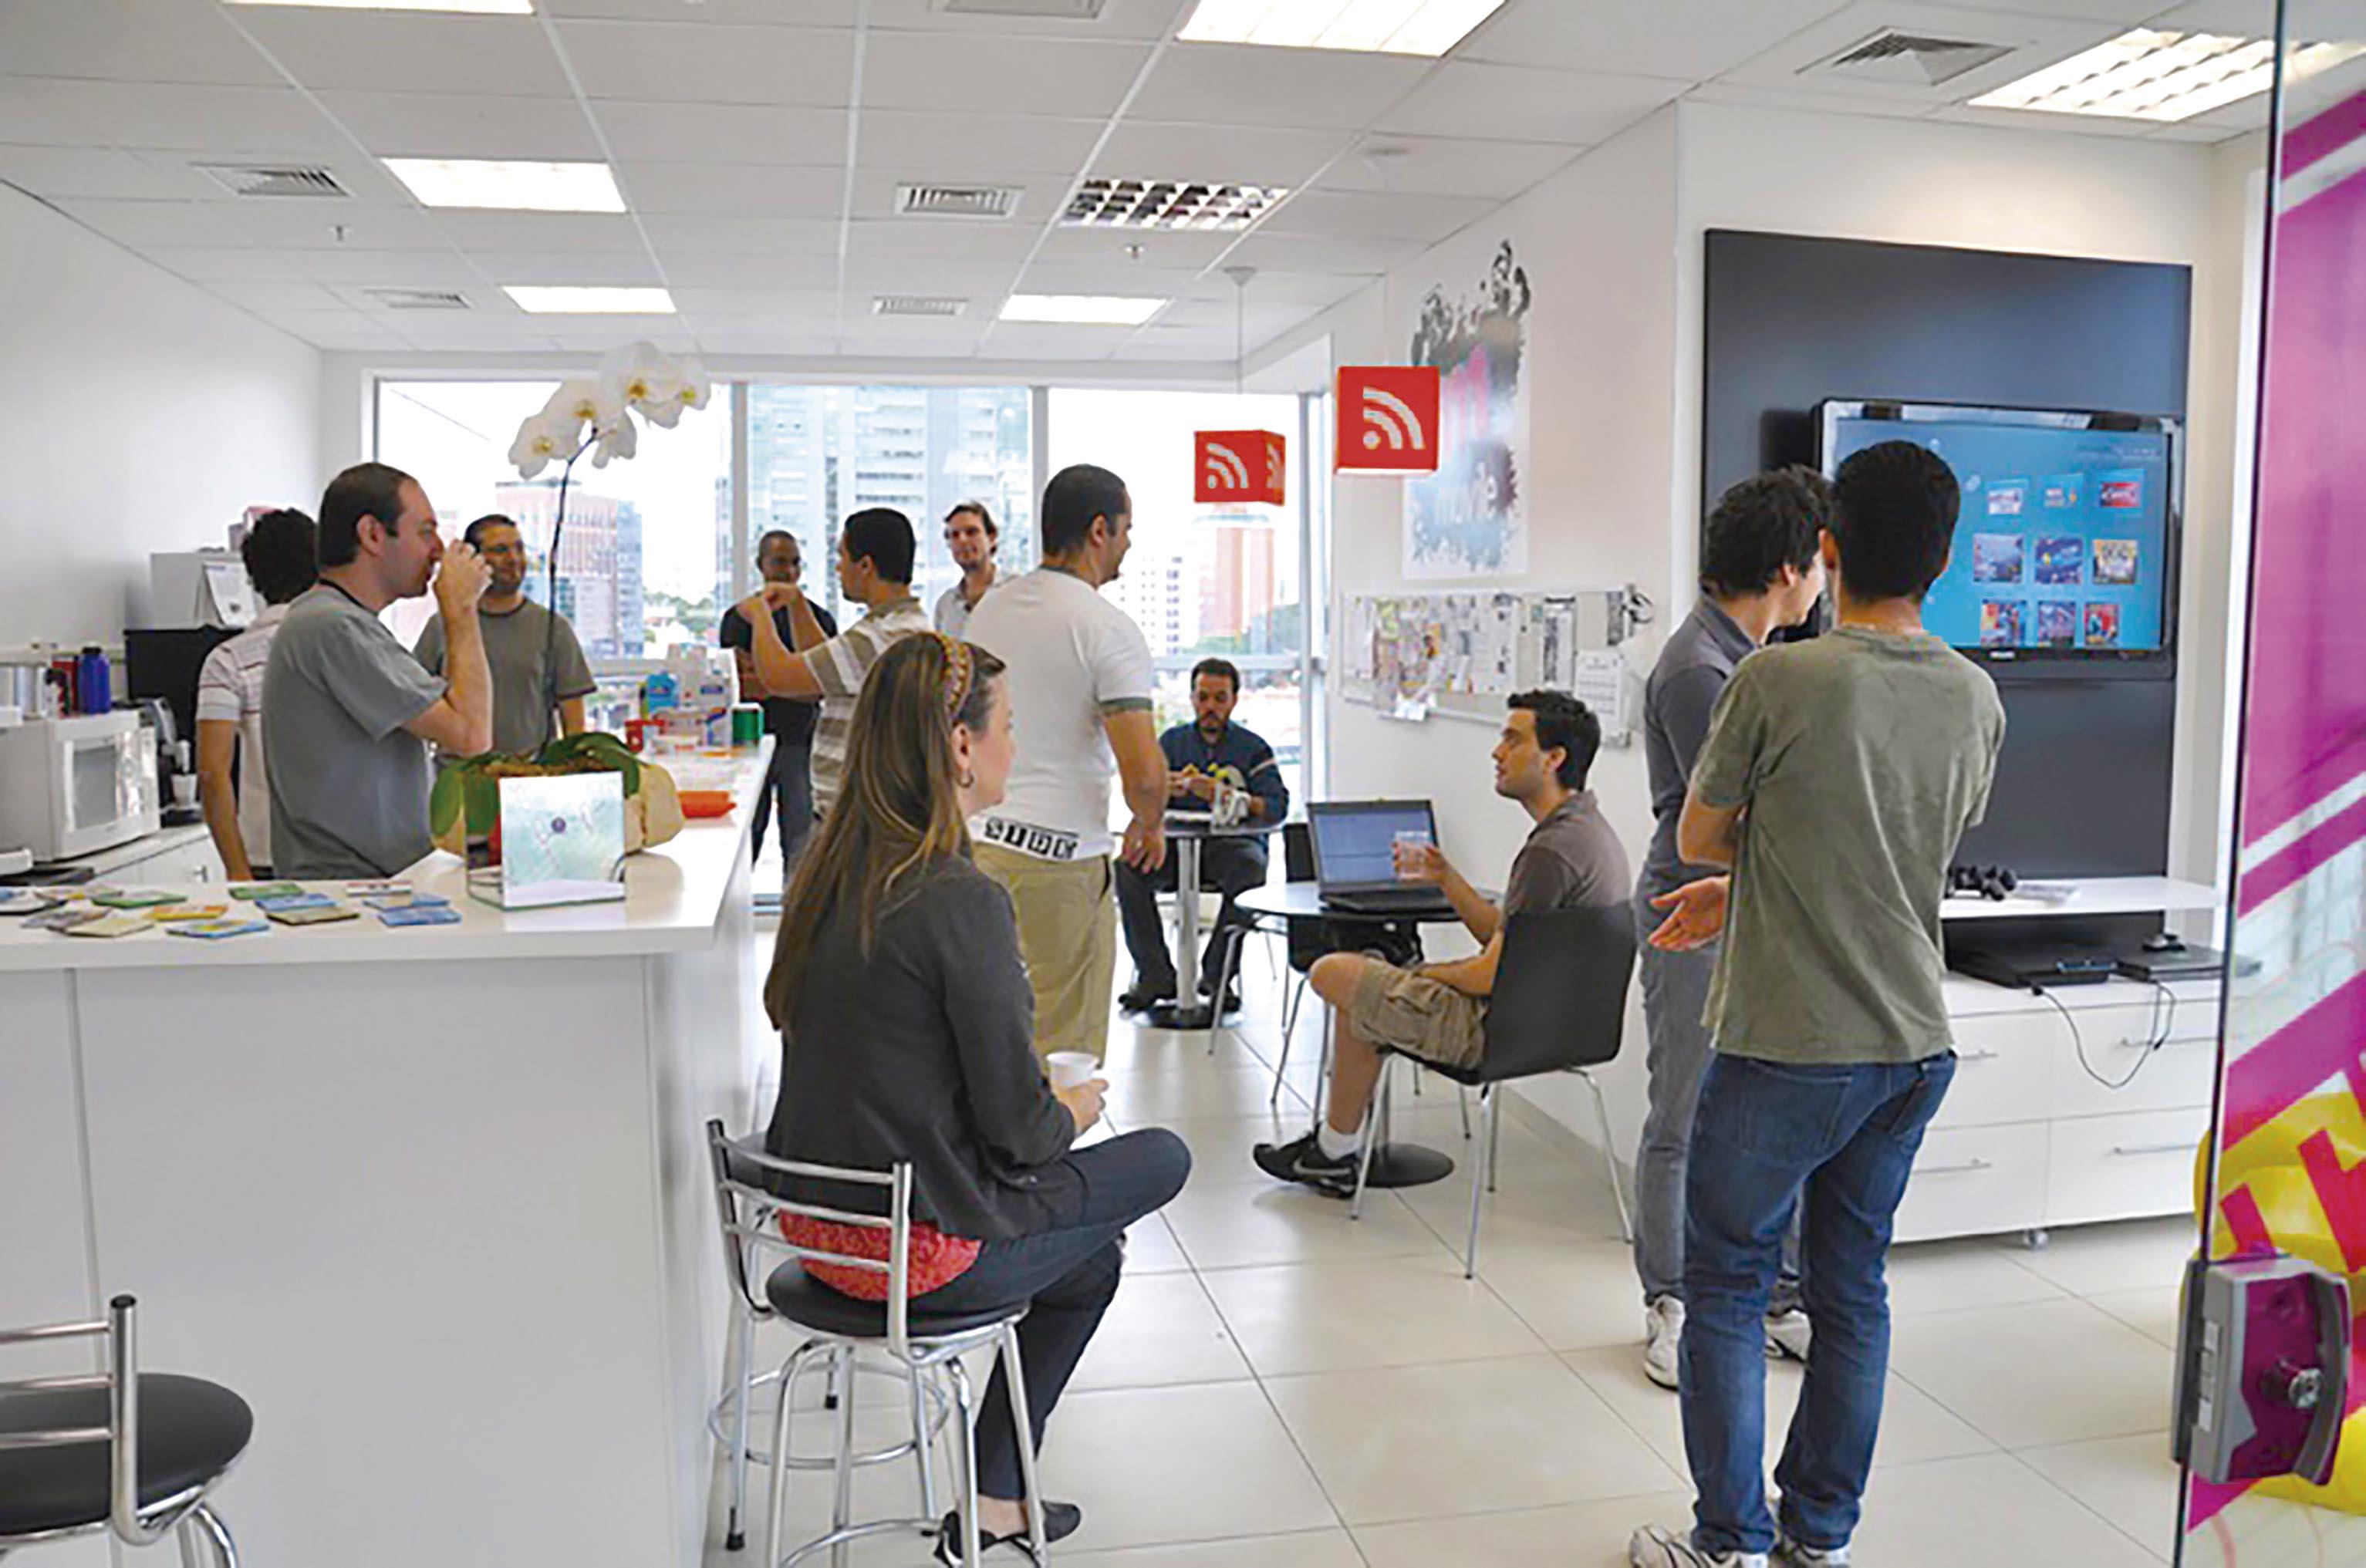 Na Movile, multinacional brasileira detentora de aplicativos como iFood, Apontador e PlayKids, os funcionários podem validar as metas